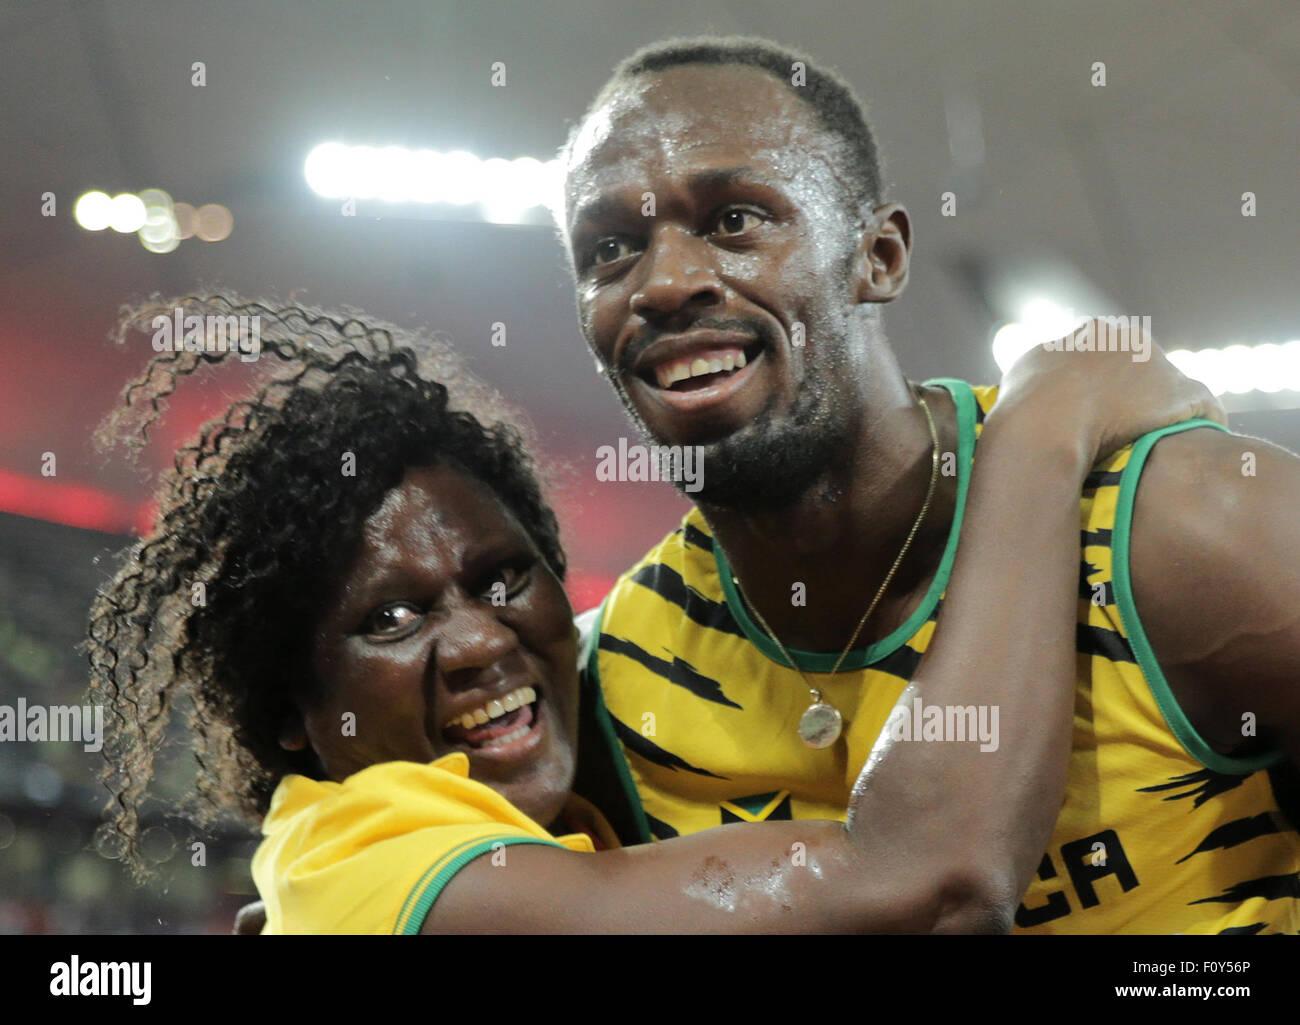 Pechino, Cina. 23 Ago, 2015. Usain Bolt della Giamaica celebra con sua madre Jennifer bullone dopo la conquista Immagini Stock